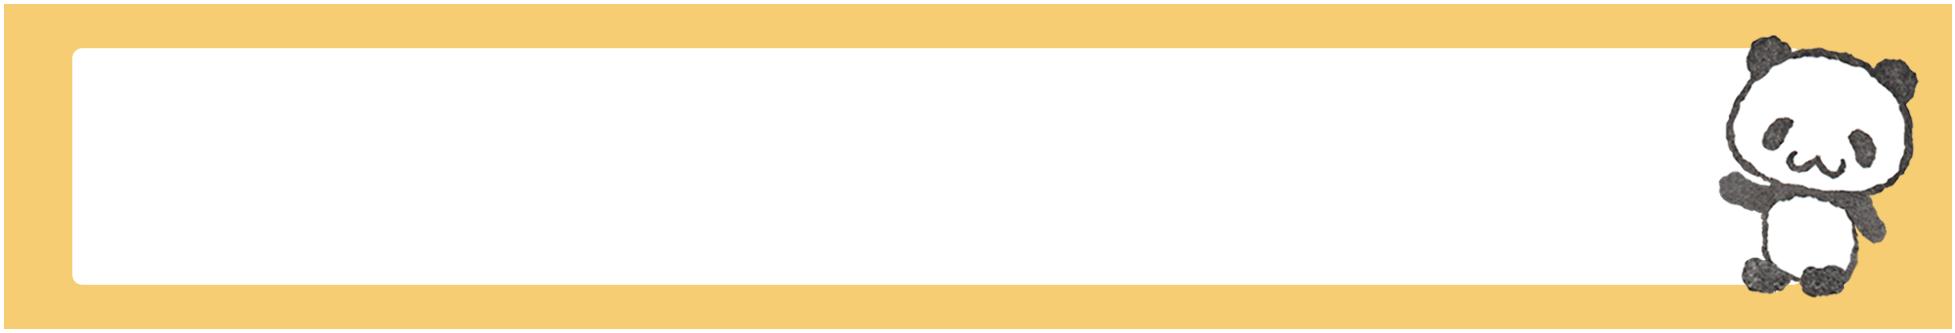 商用利用もOKな無料イラストサイト【フリー素材ずーあん】の無料くせっ毛パンダイラスト付タブ